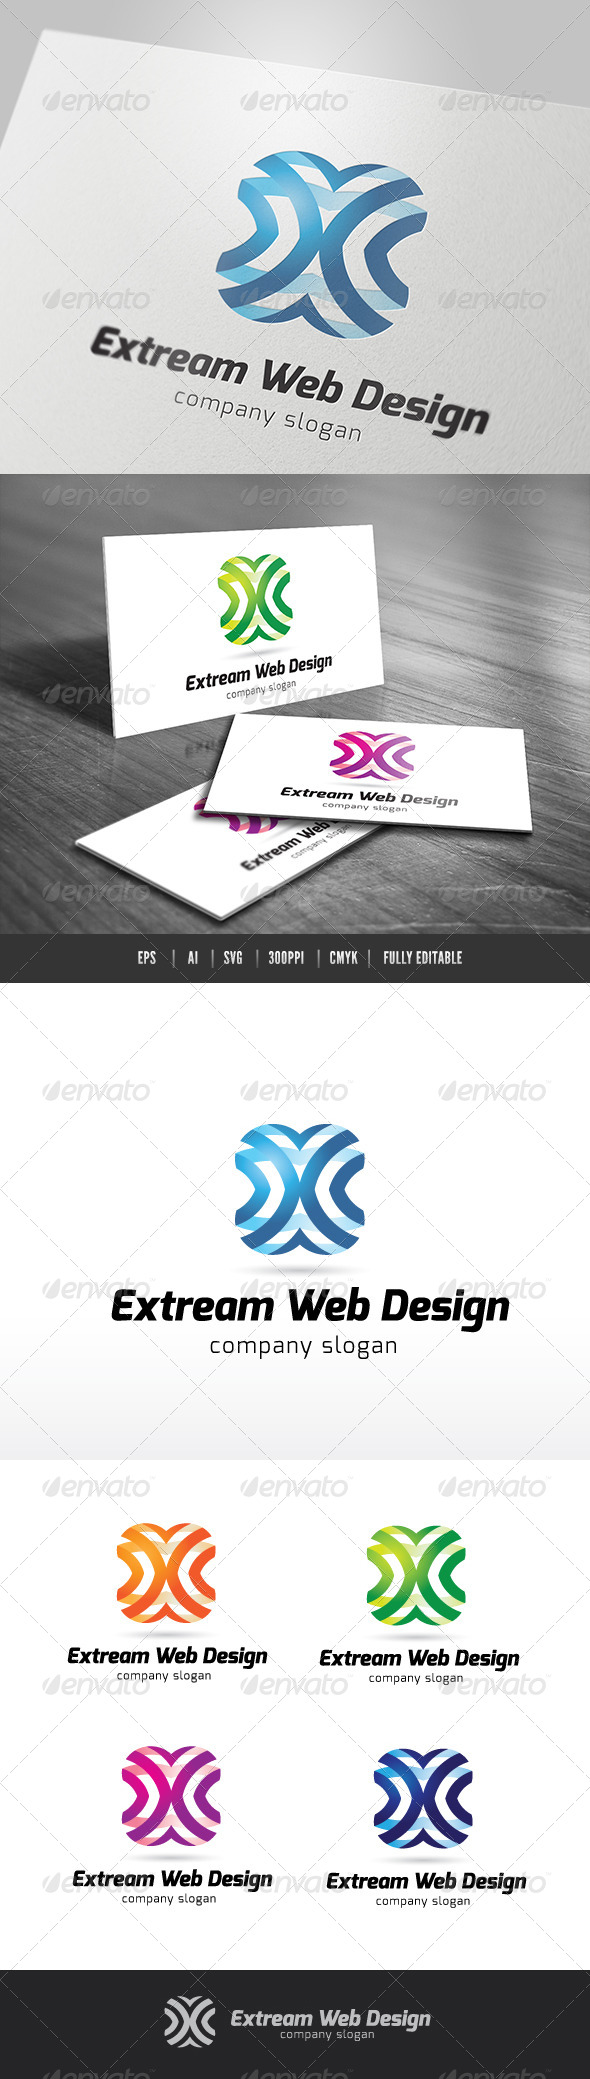 Extream Web Design